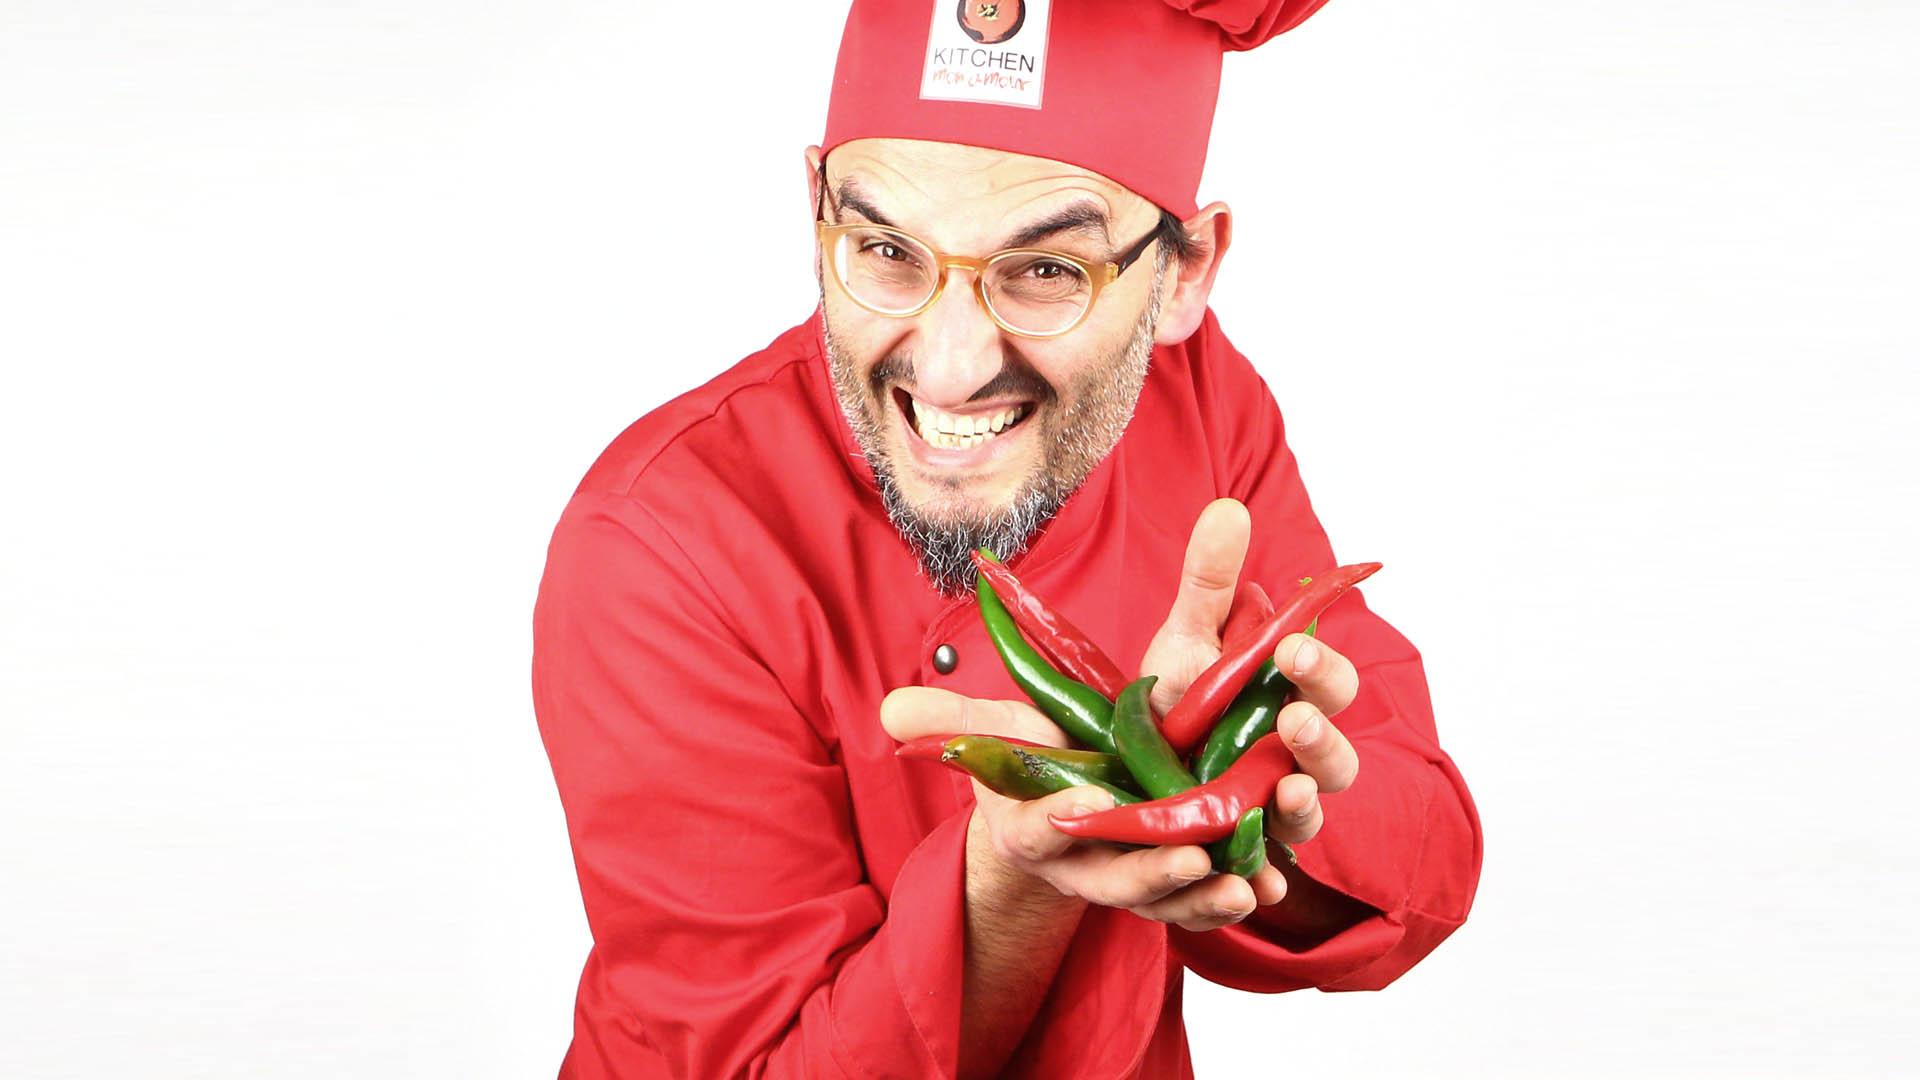 chef-fabio-mendolicchio-kitchen-mon-amour-1